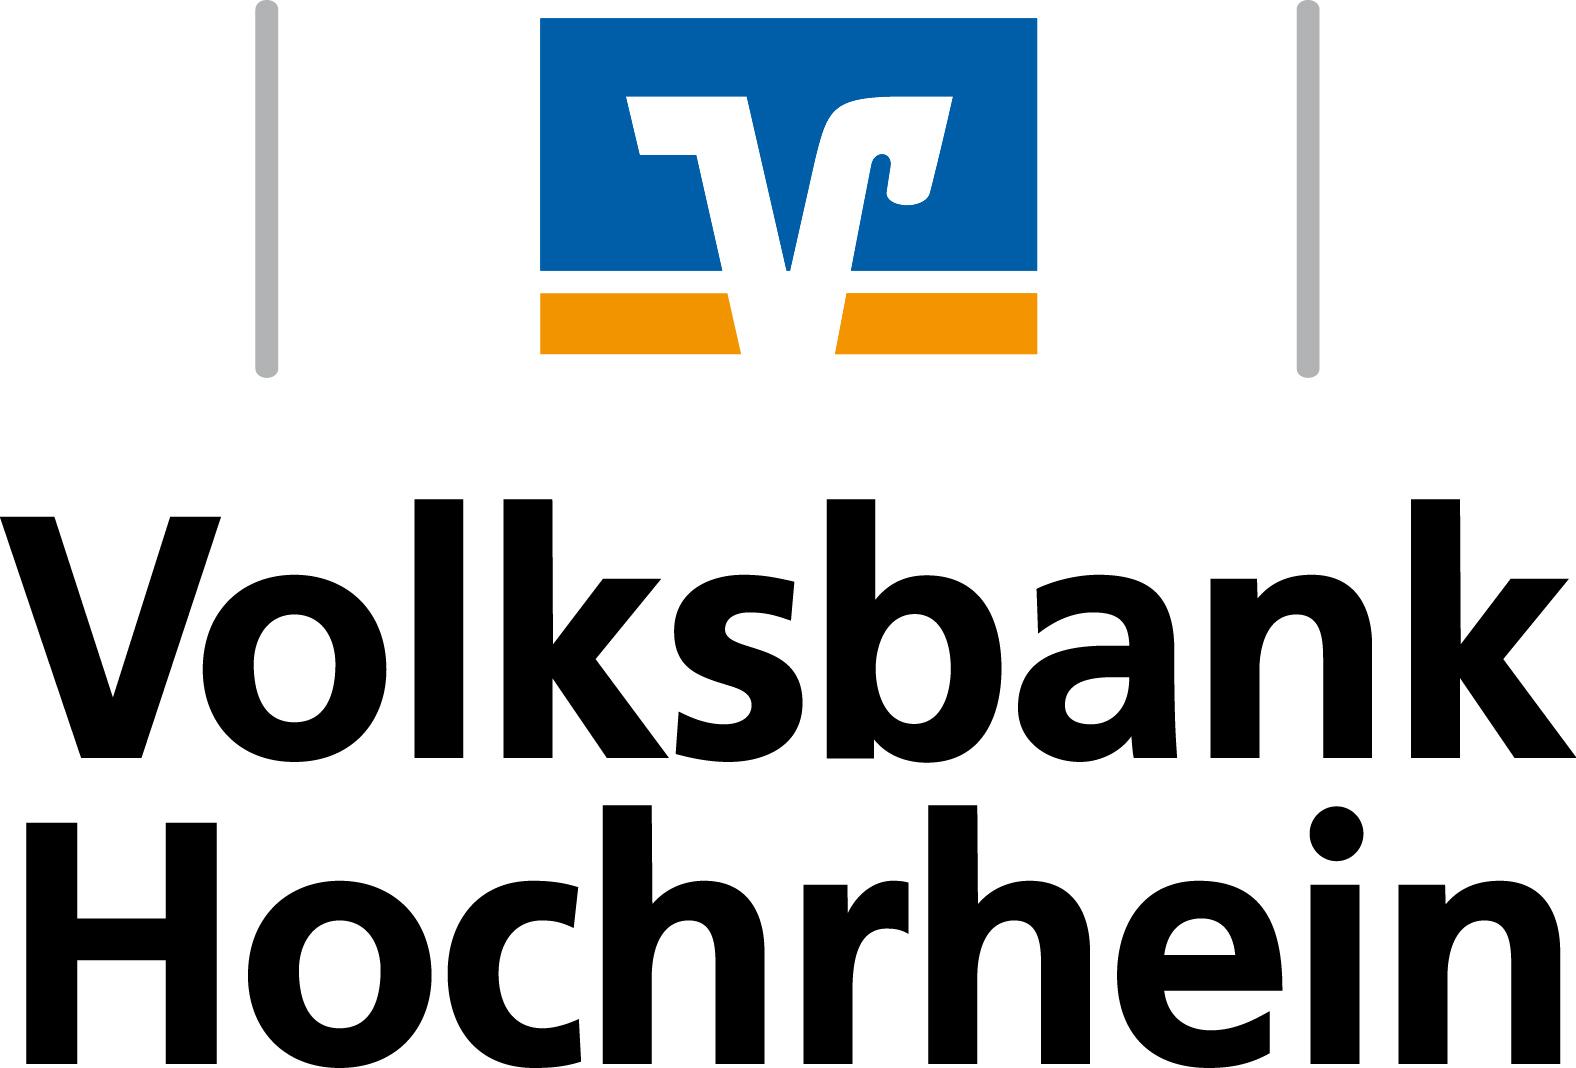 Volksbank Hochrhein